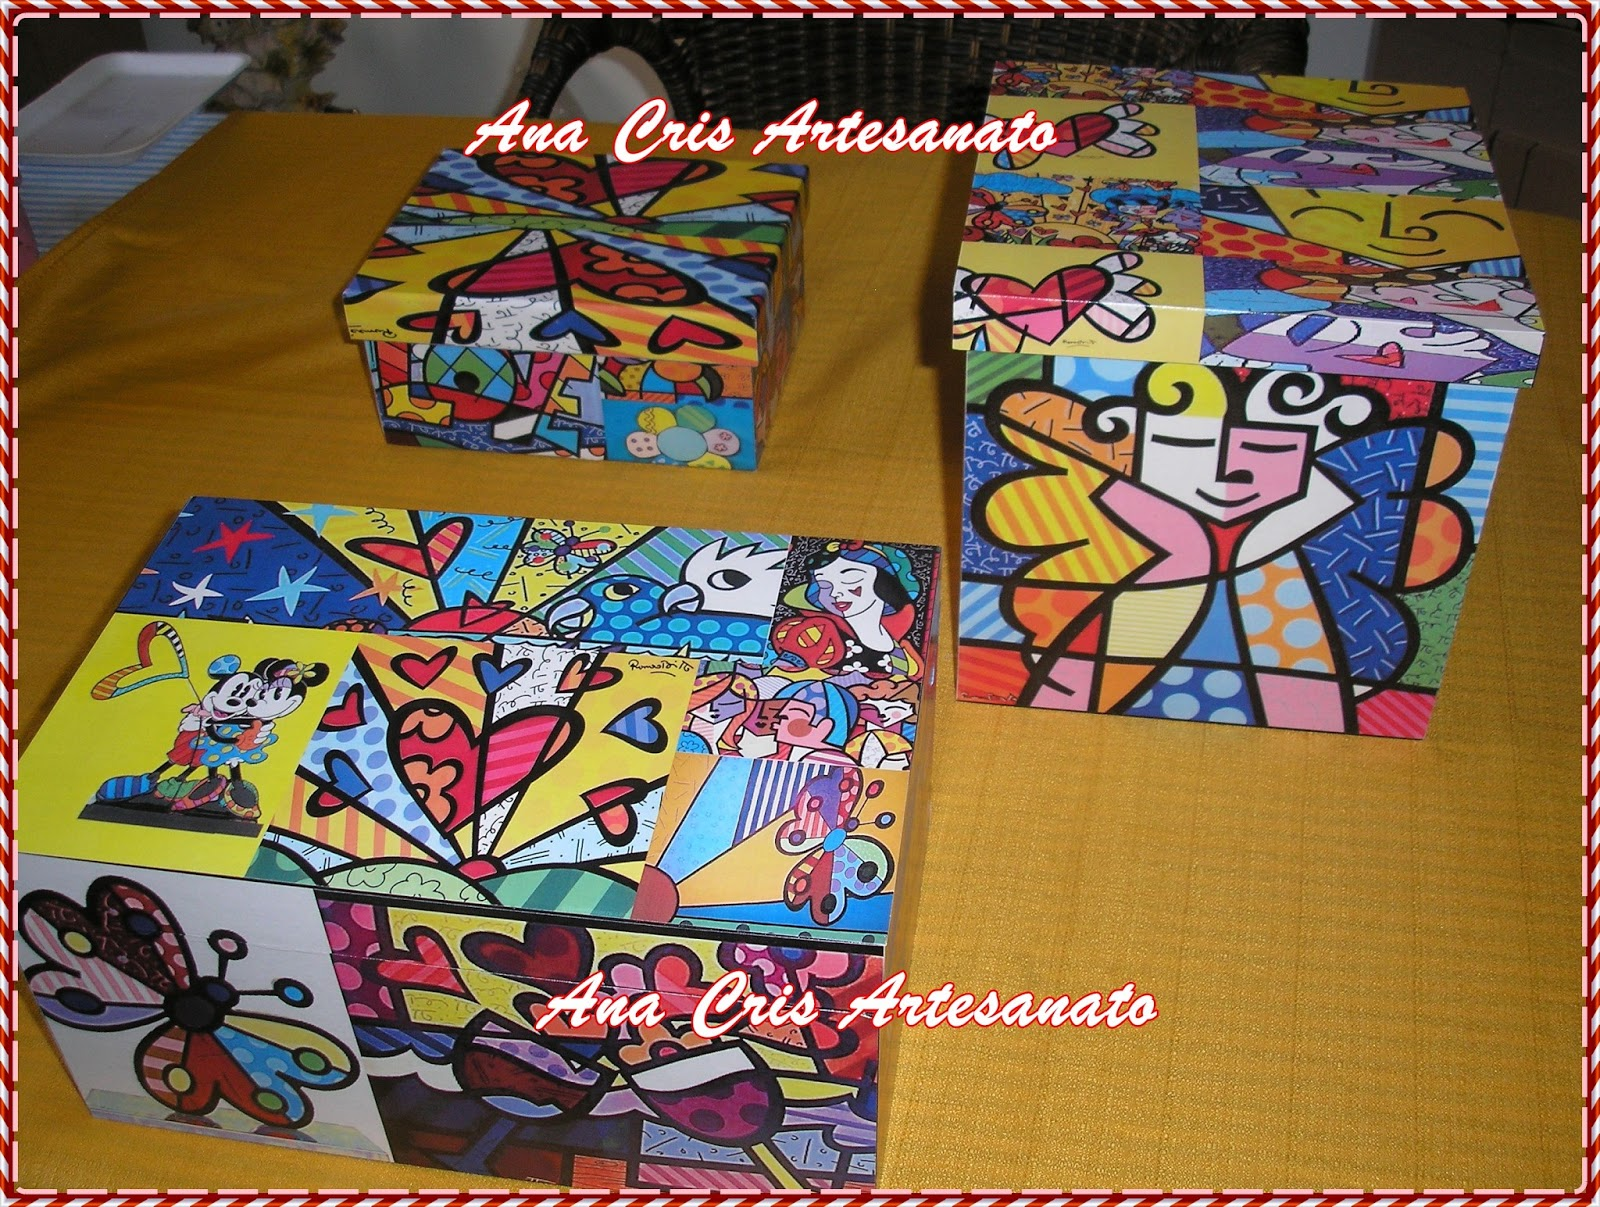 Ana Cris Artesanato: Caixa enfeite de mesa Romero Britto #713918 1600x1207